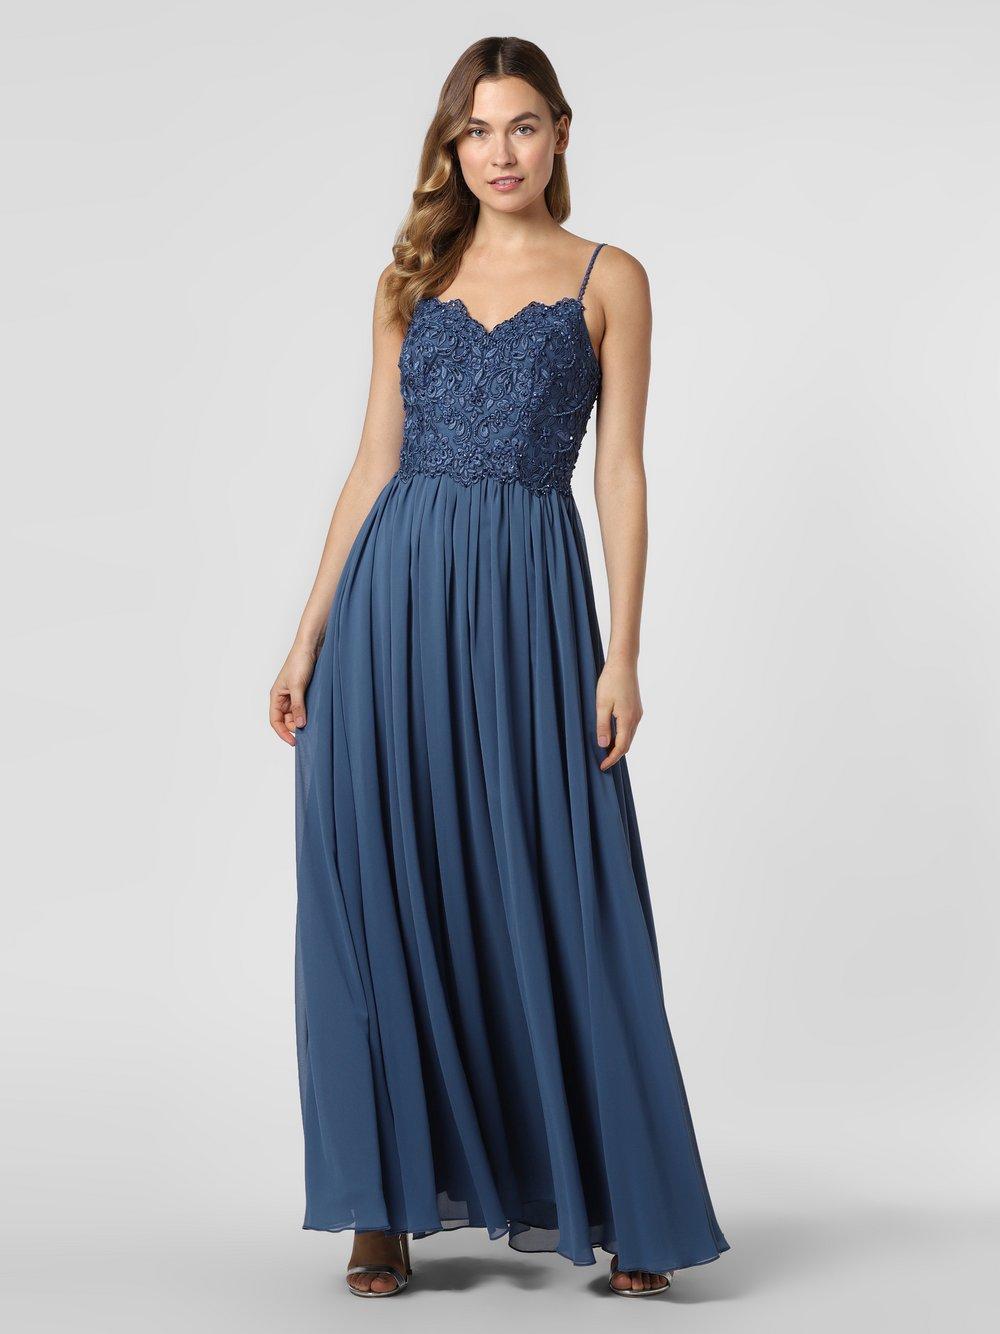 Laona – Damska sukienka wieczorowa, niebieski Van Graaf 466891-0001-00340